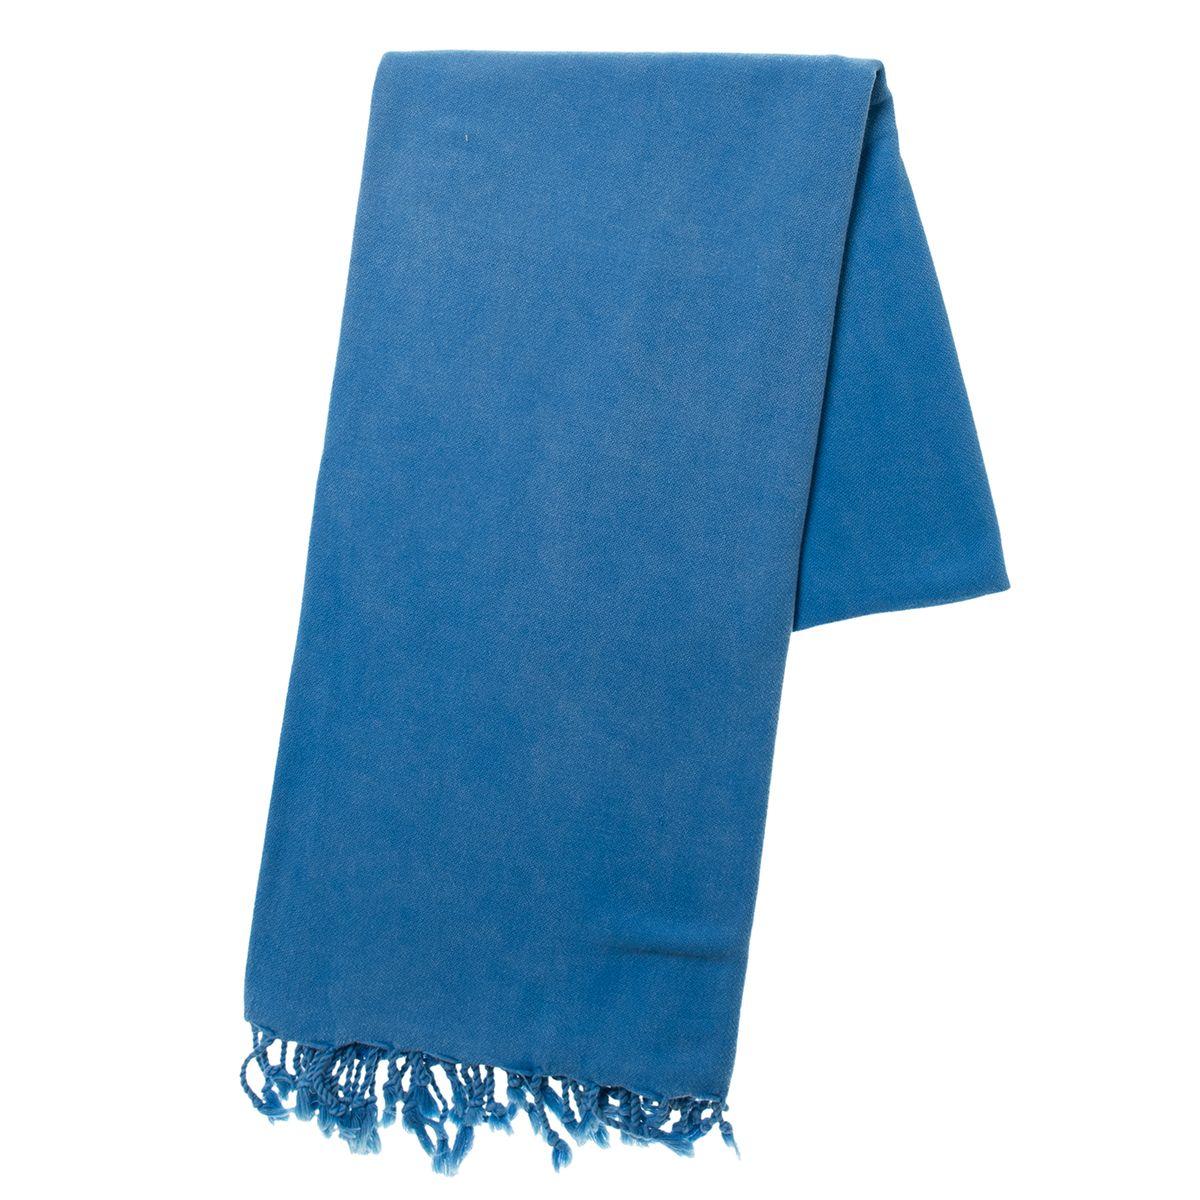 Peştemal Taş Sultan - Koyu Mavi